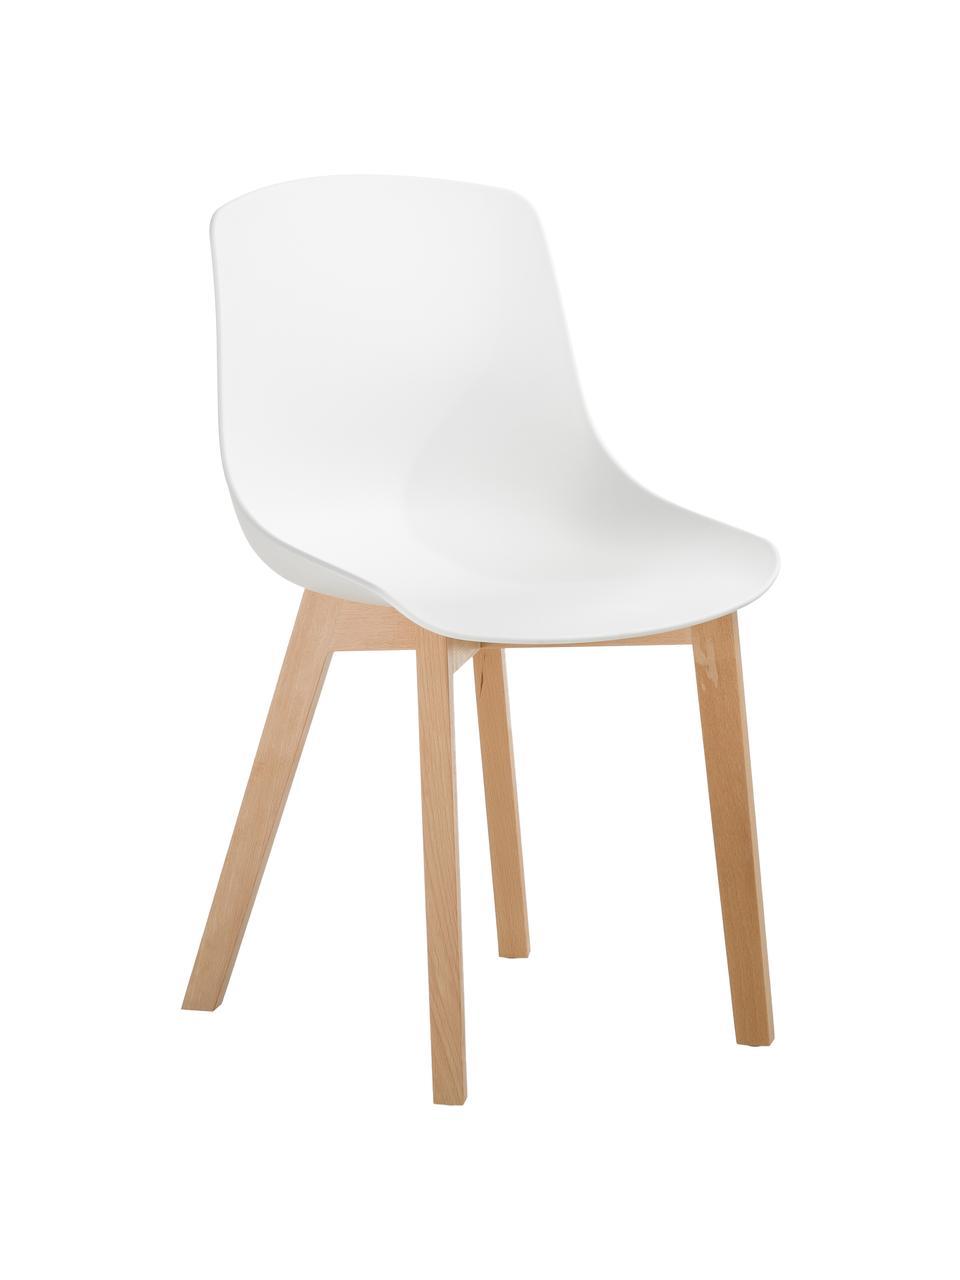 Kunststoffen stoelen Dave met houten poten, 2 stuks, Zitvlak: kunststof, Poten: beukenhout, Wit, 46 x 82 cm